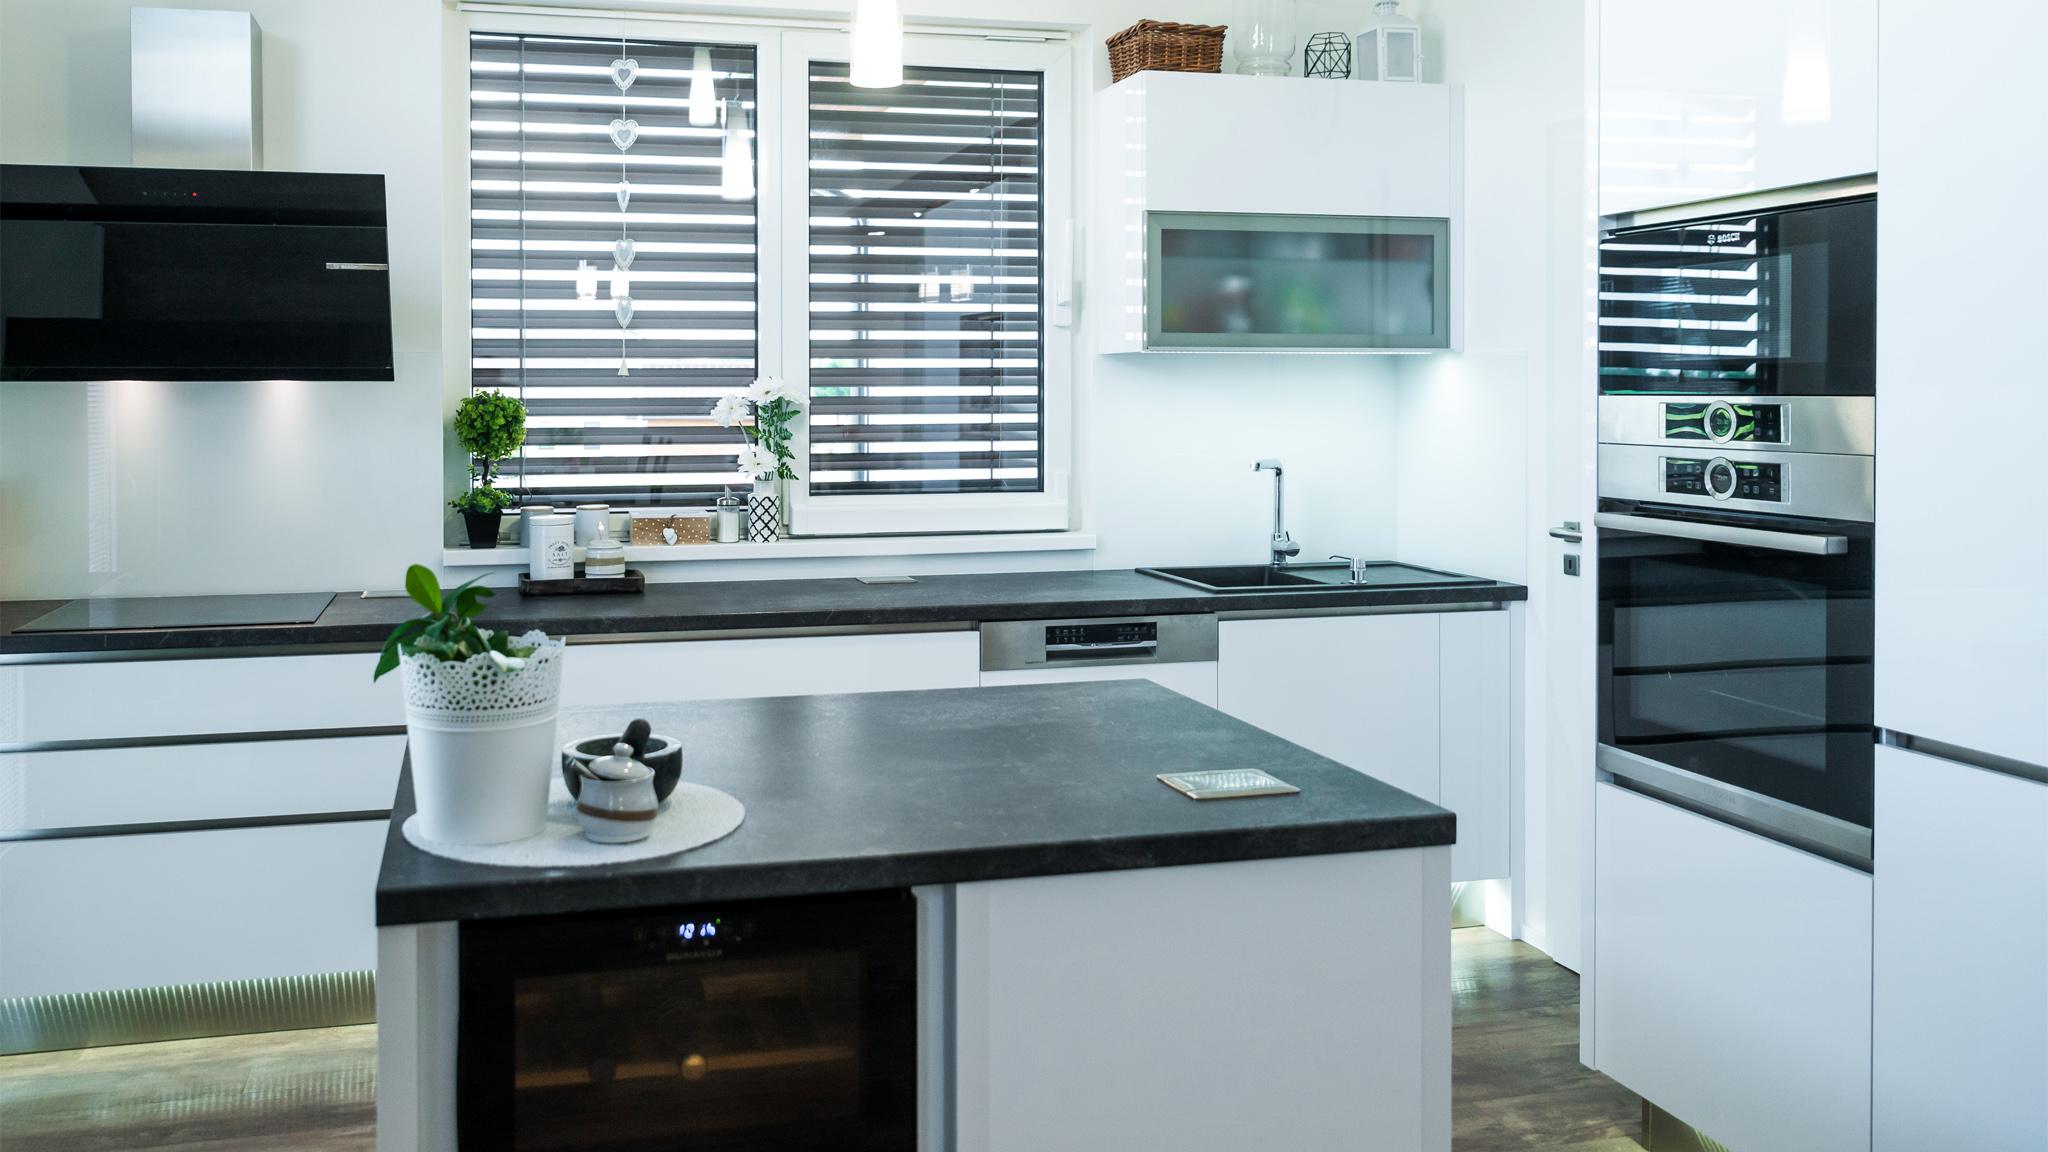 Kuchyně sostrůvkem – praktické řešení, které využije prostor